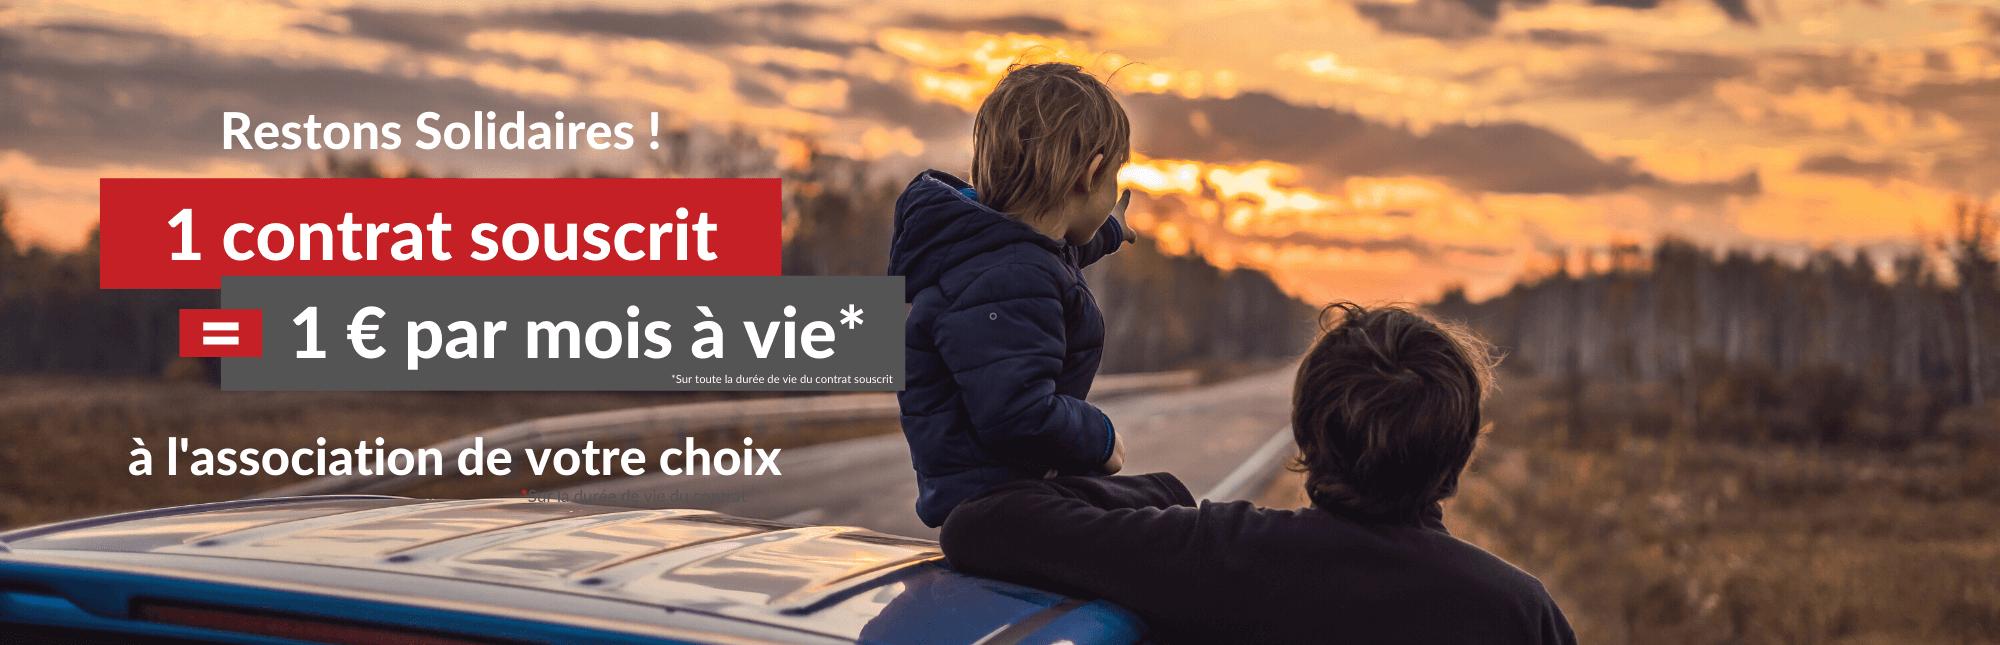 Engagement associatif : Assurella s'engage à verser 1 € par mois à vie à une association pendant la durée de vie du contrat.